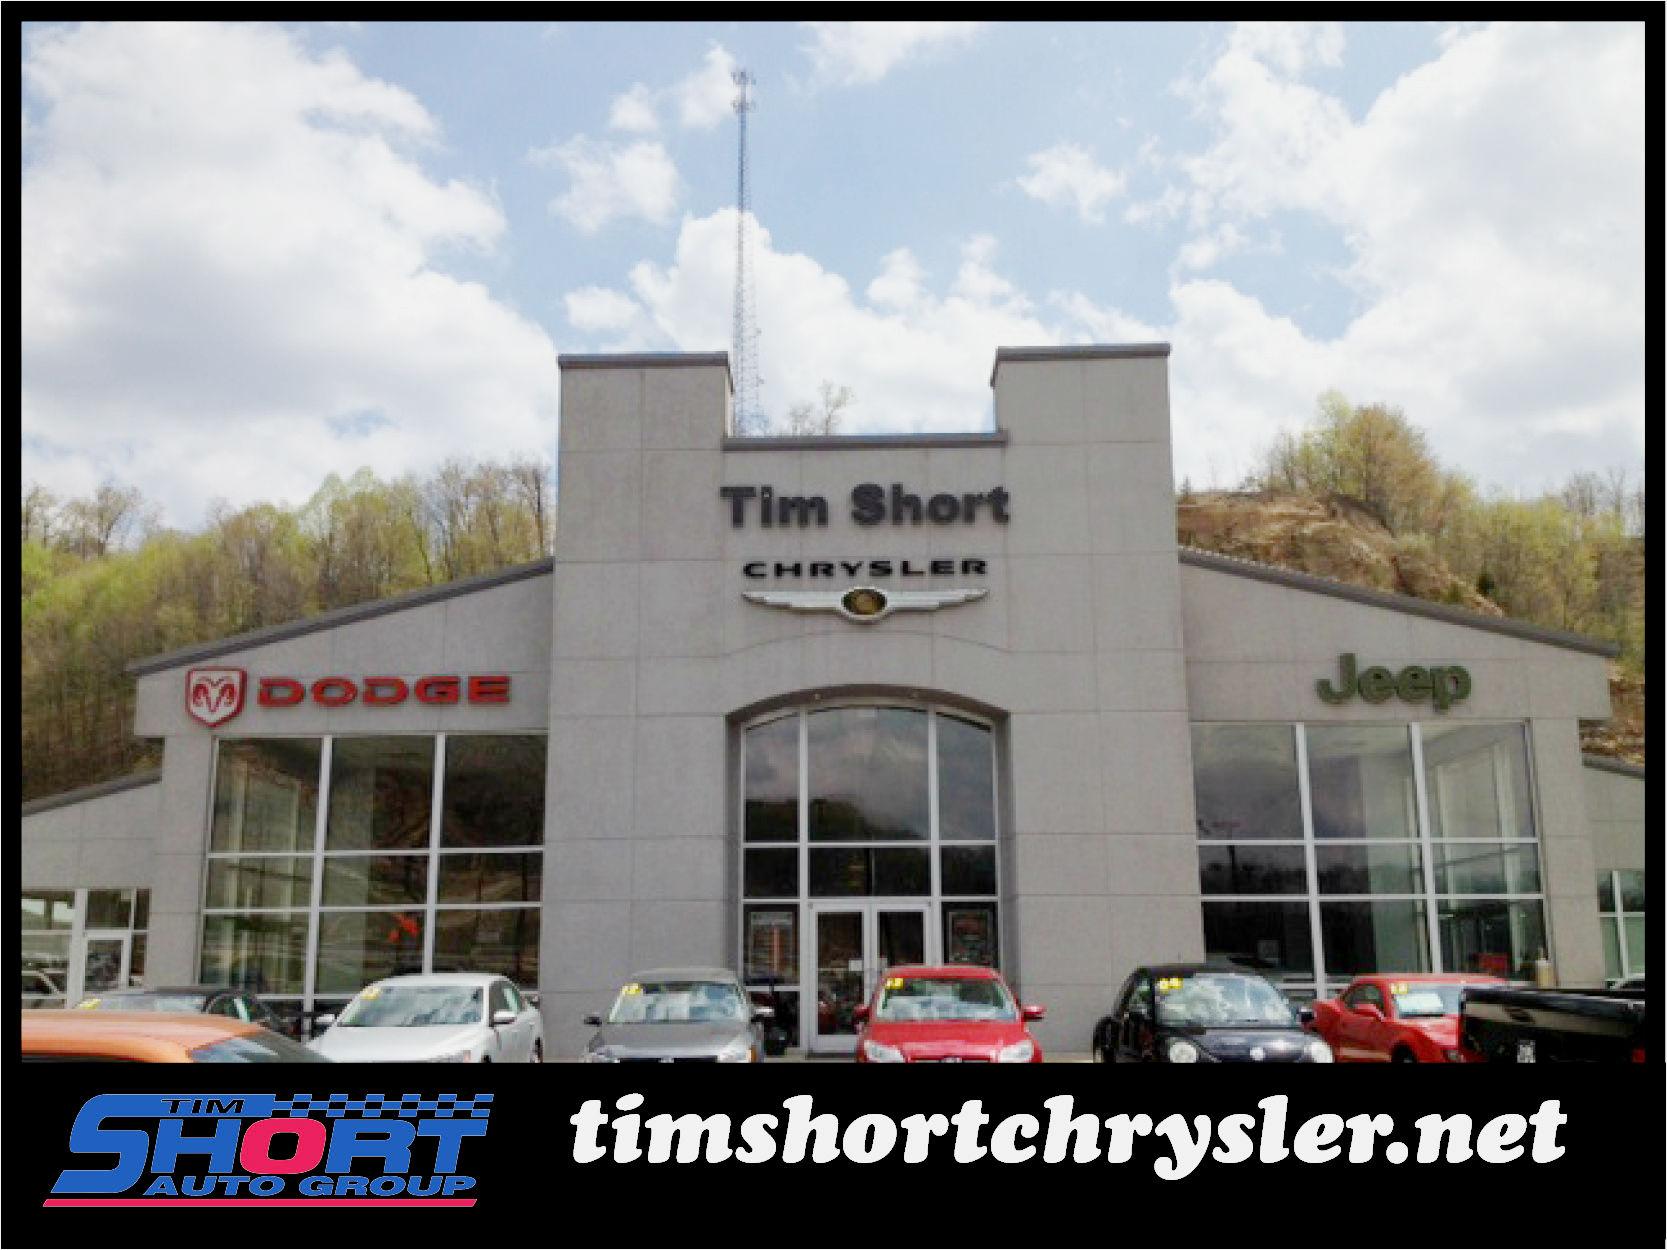 Tim Short Dodge >> About Tim Short Chrysler of Hazard | Chrysler Dodge Jeep ...